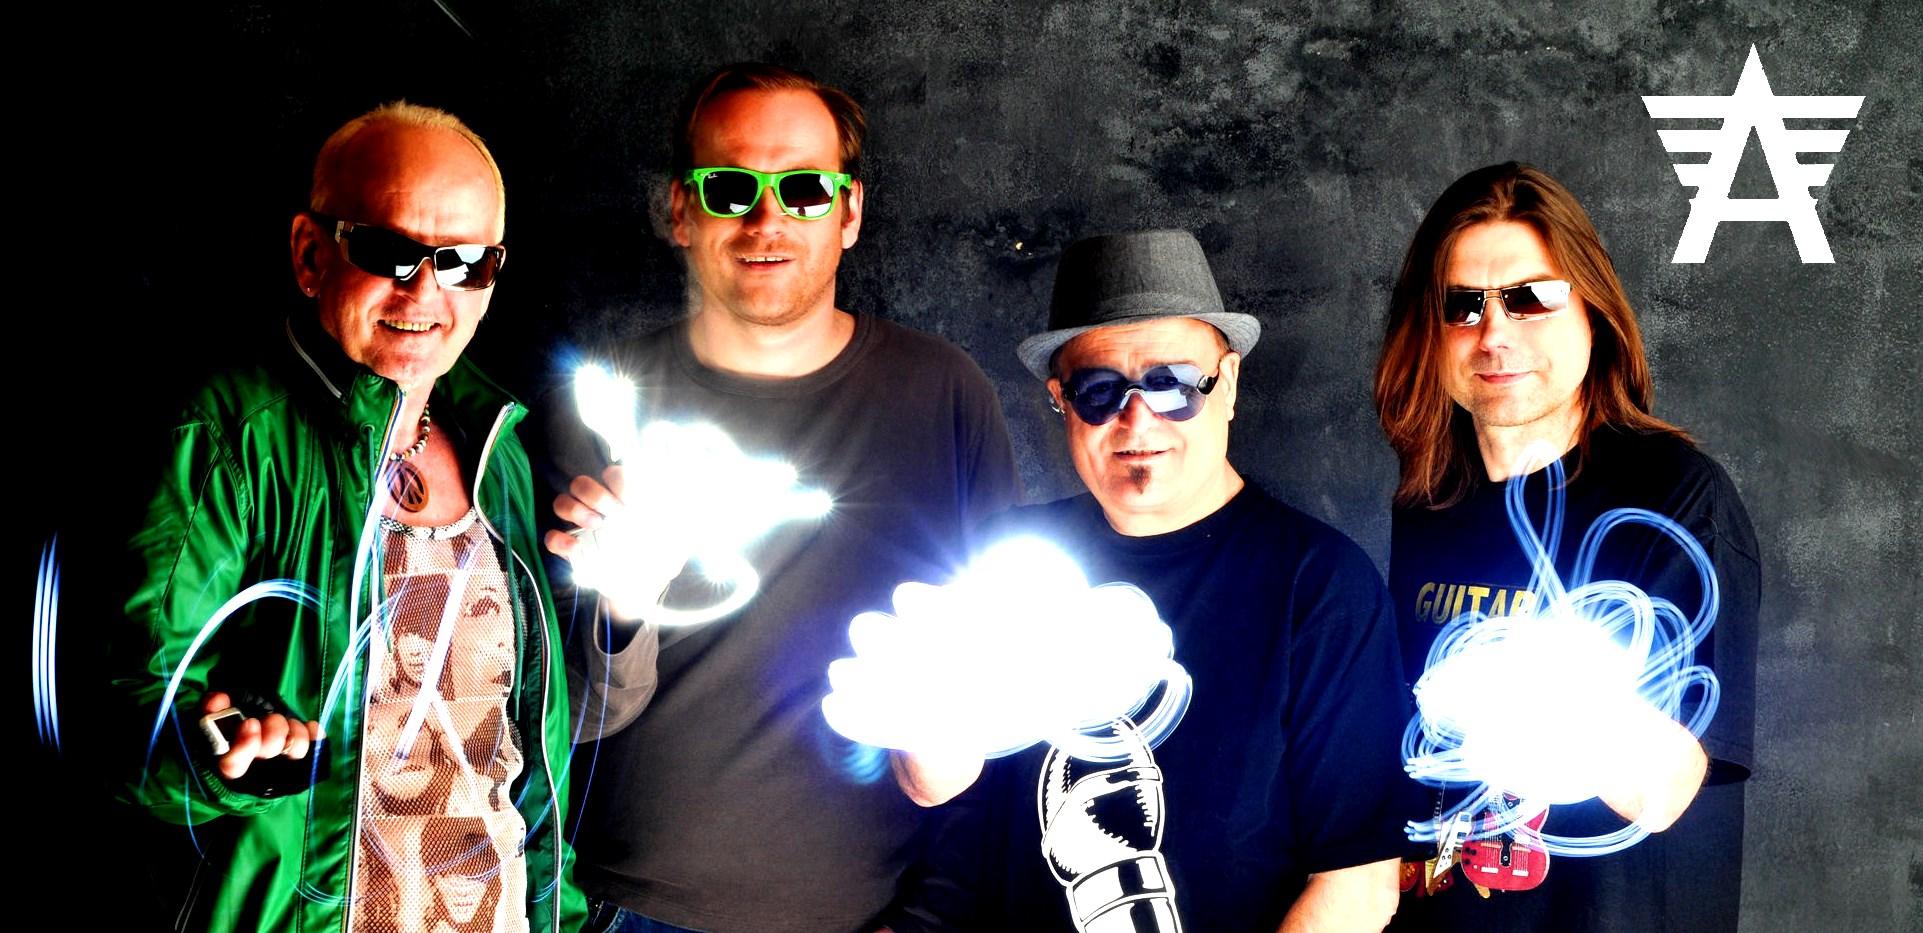 Abraxas slaví 30 let kultovního alba Manéž speciálním koncertem